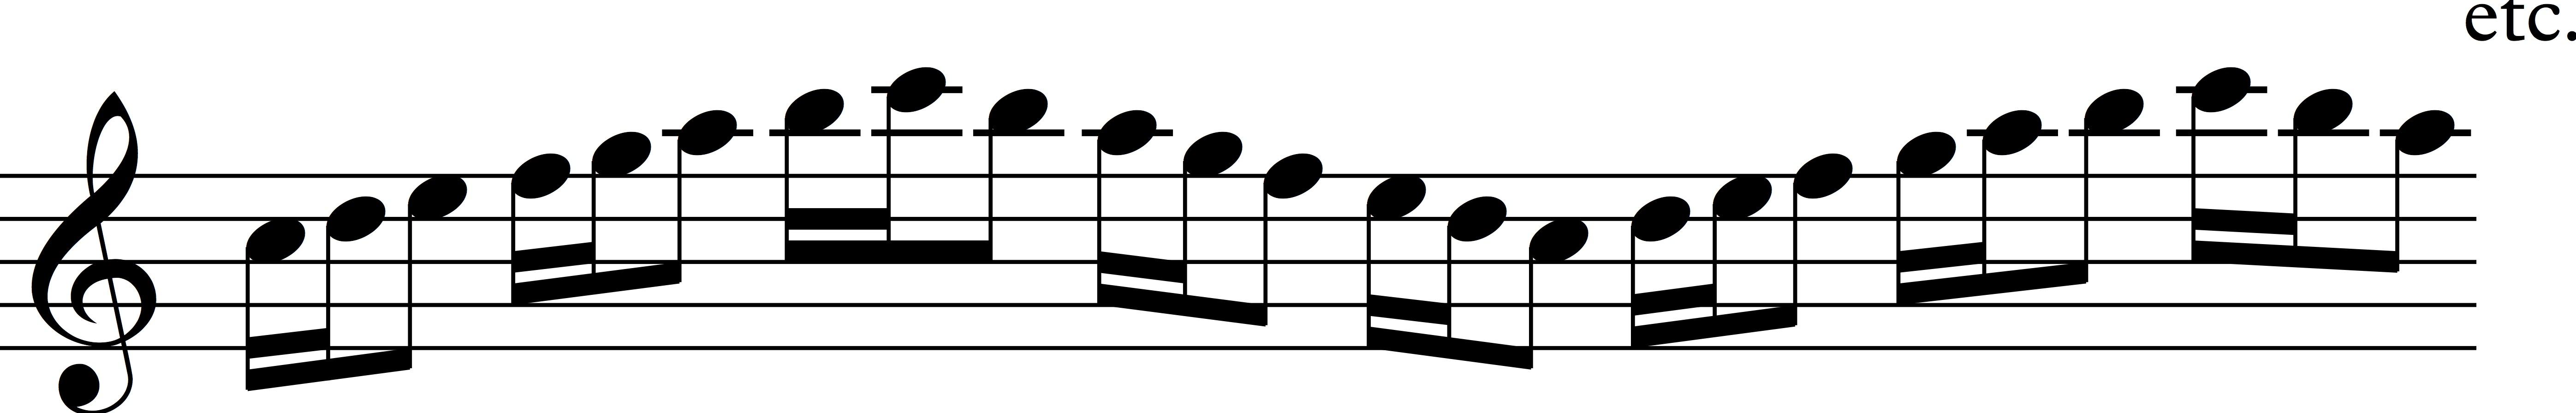 Scale 3 rhythm 2b.jpg